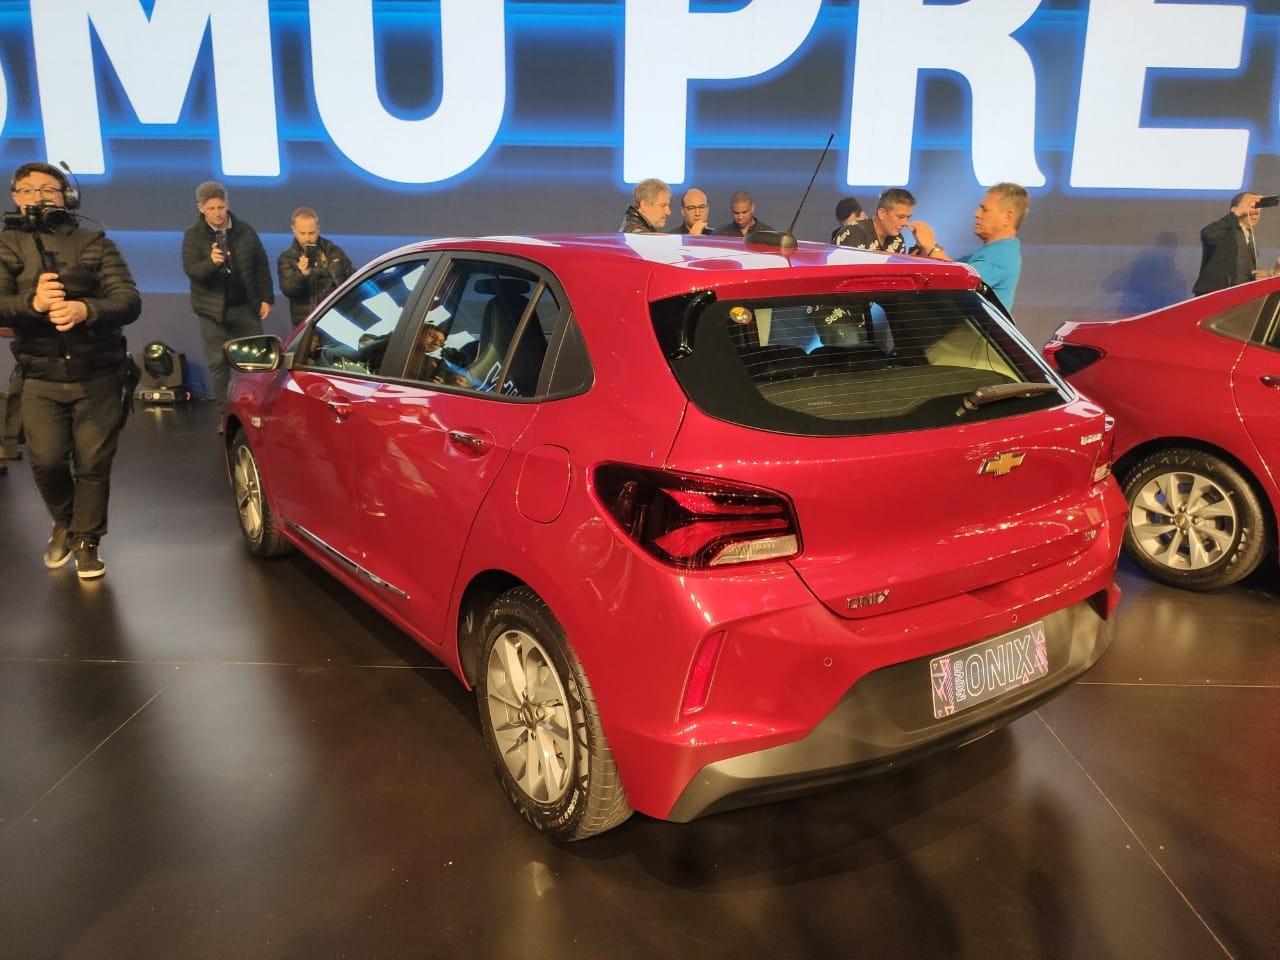 Chevrolet revela nova geração de Onix e Onix Plus, que substitui o Prisma - Notícias - Plantão Diário